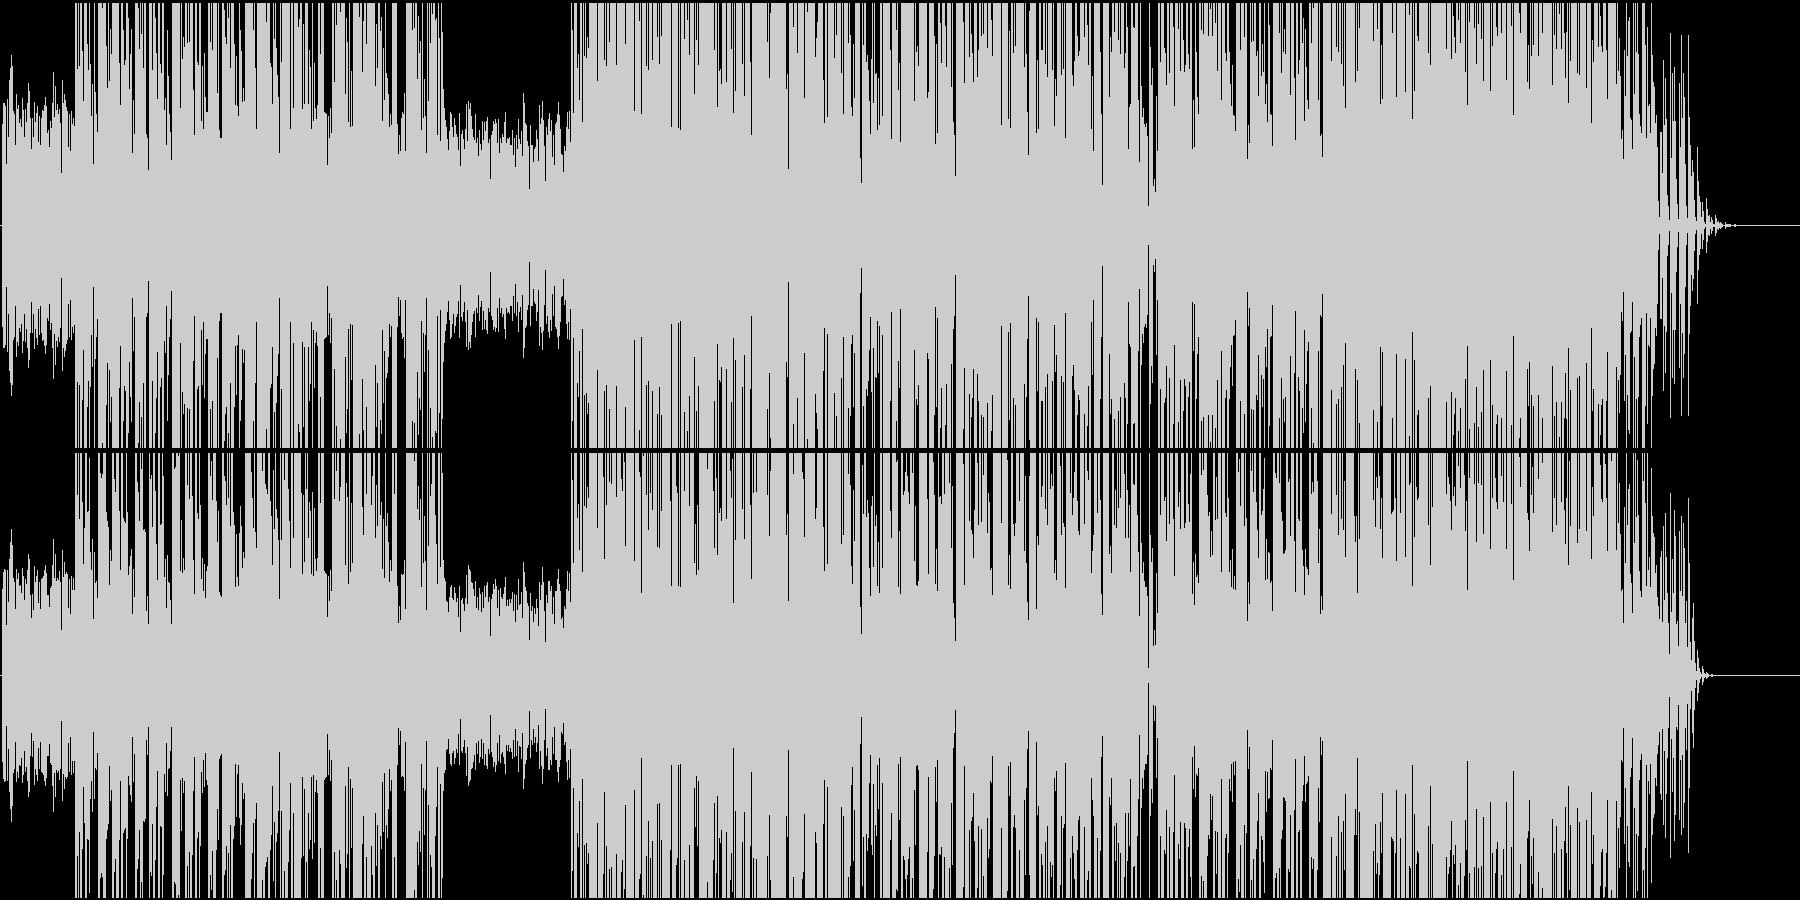 テンポが良く疾走感のあるBGMの未再生の波形